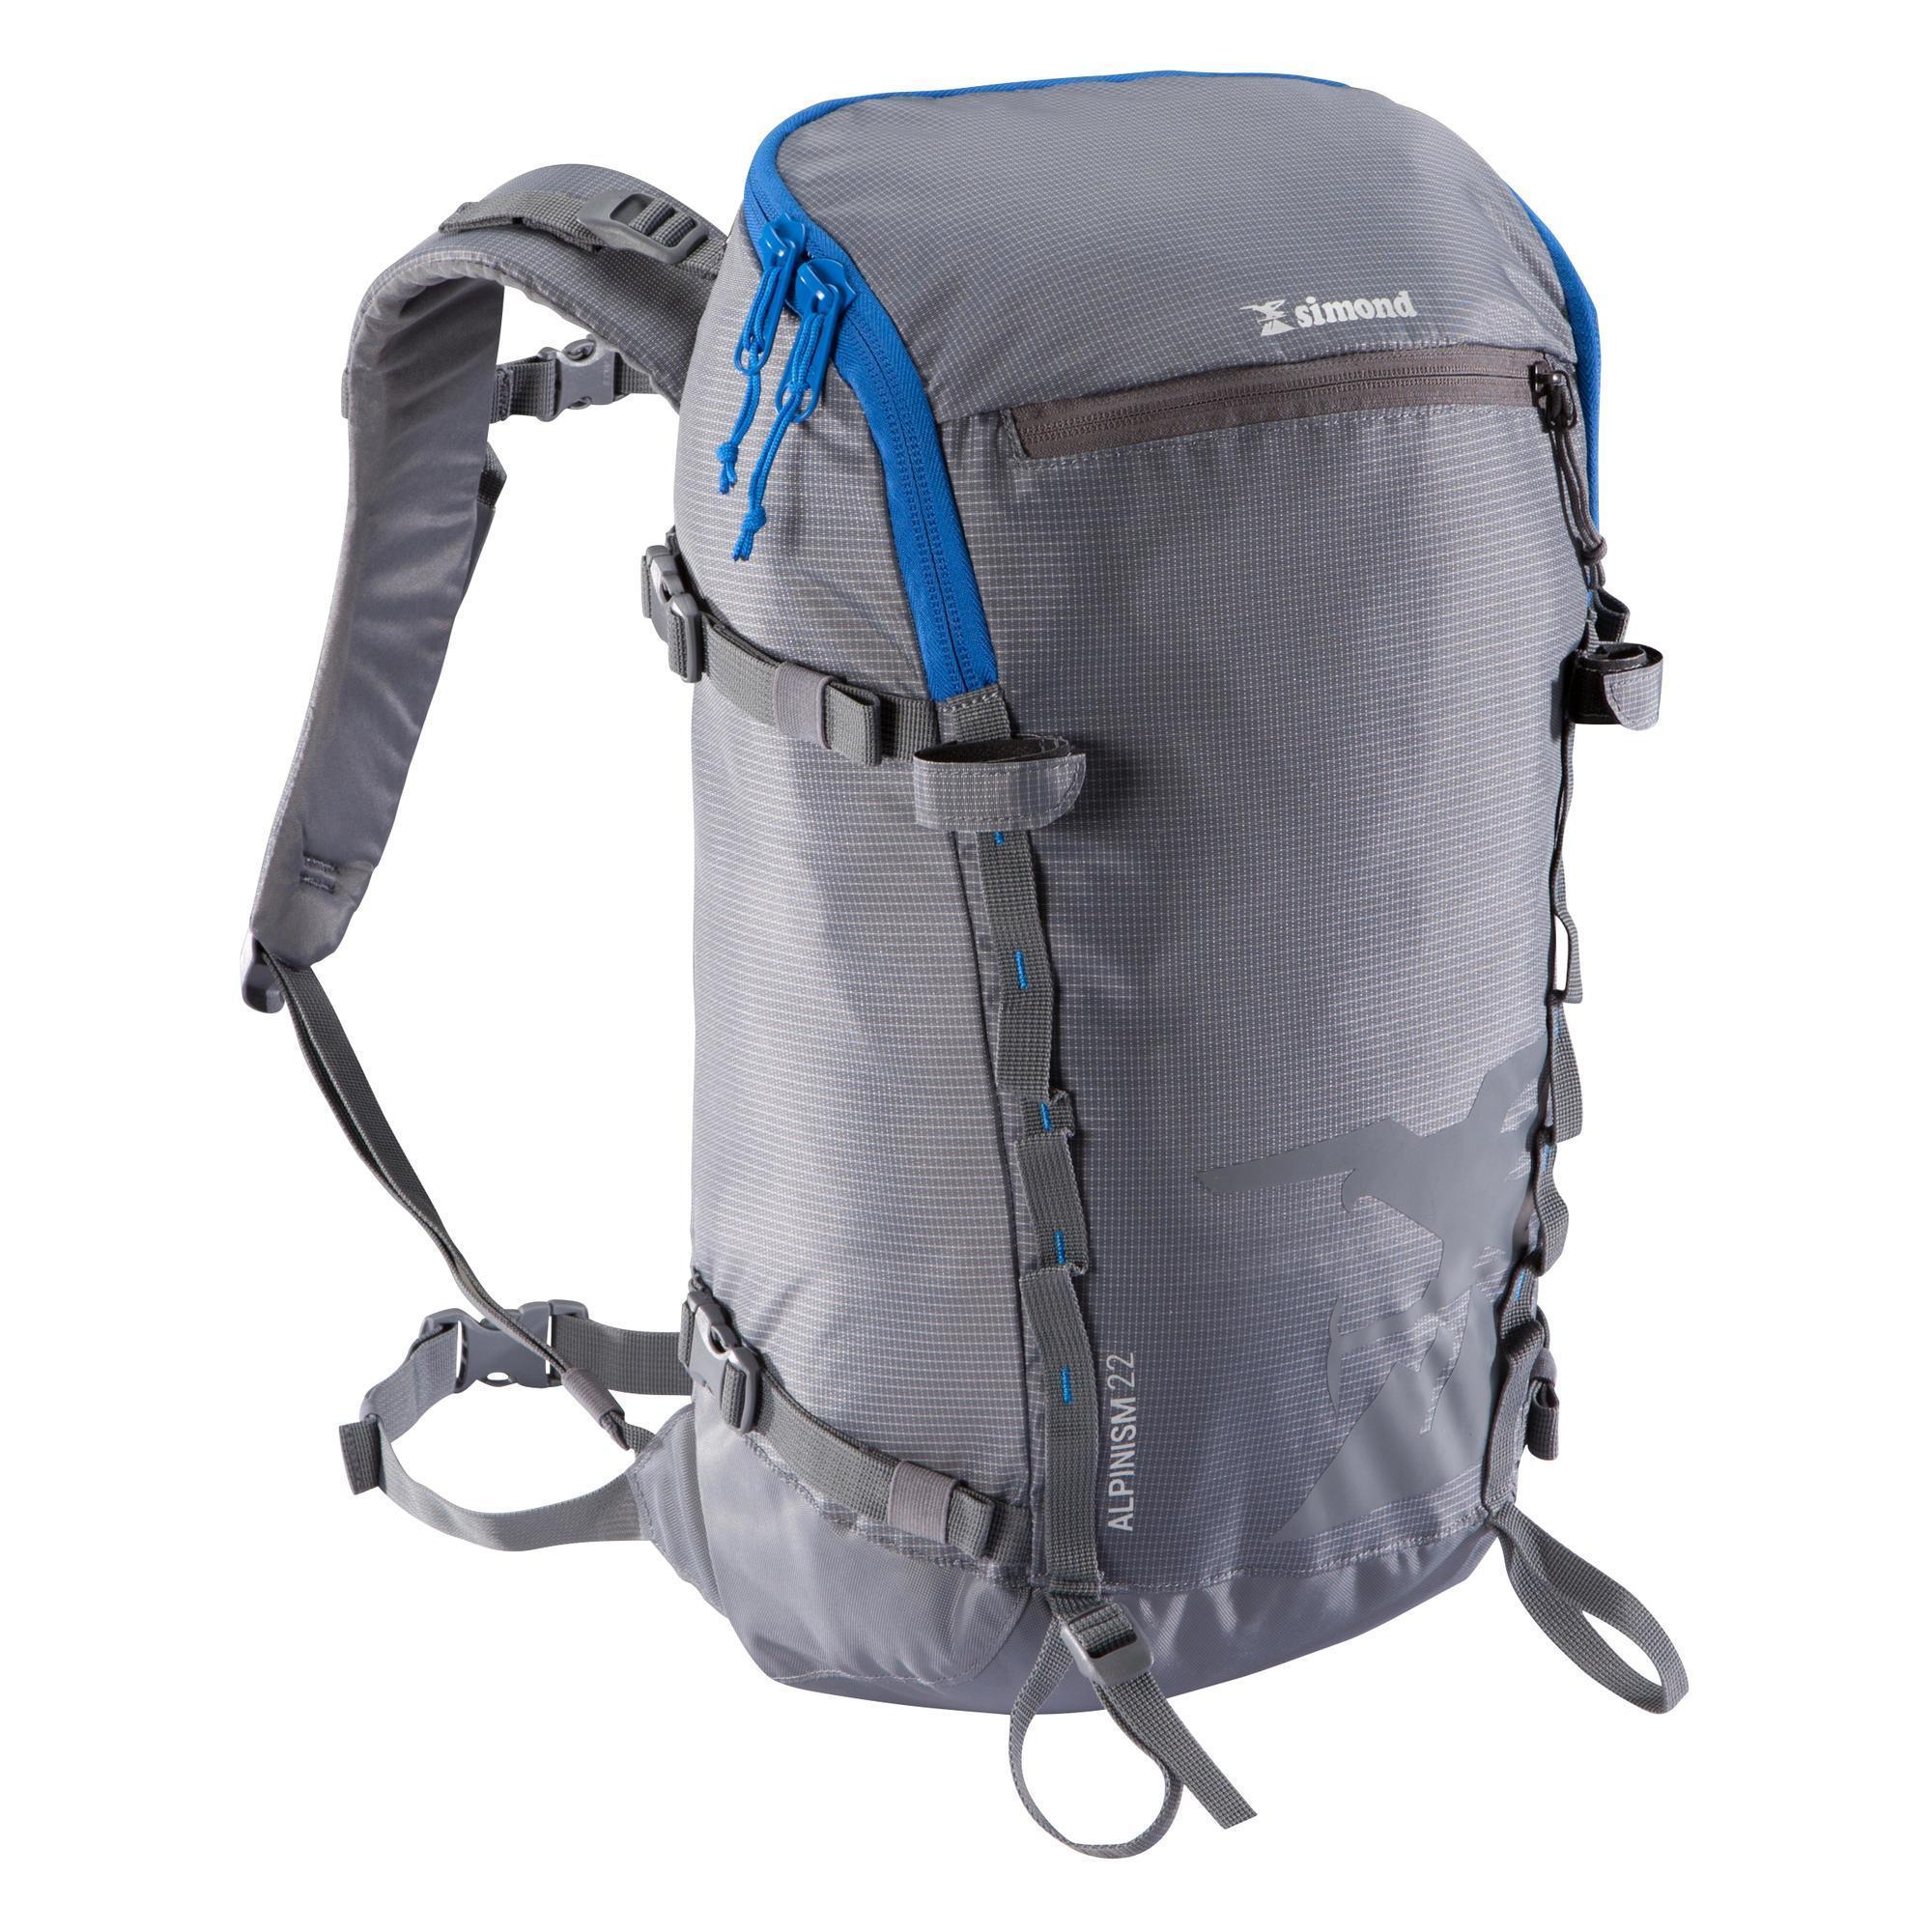 Tourenrucksack Alpinism 22 Liter | Taschen > Rucksäcke > Sonstige Rucksäcke | Simond